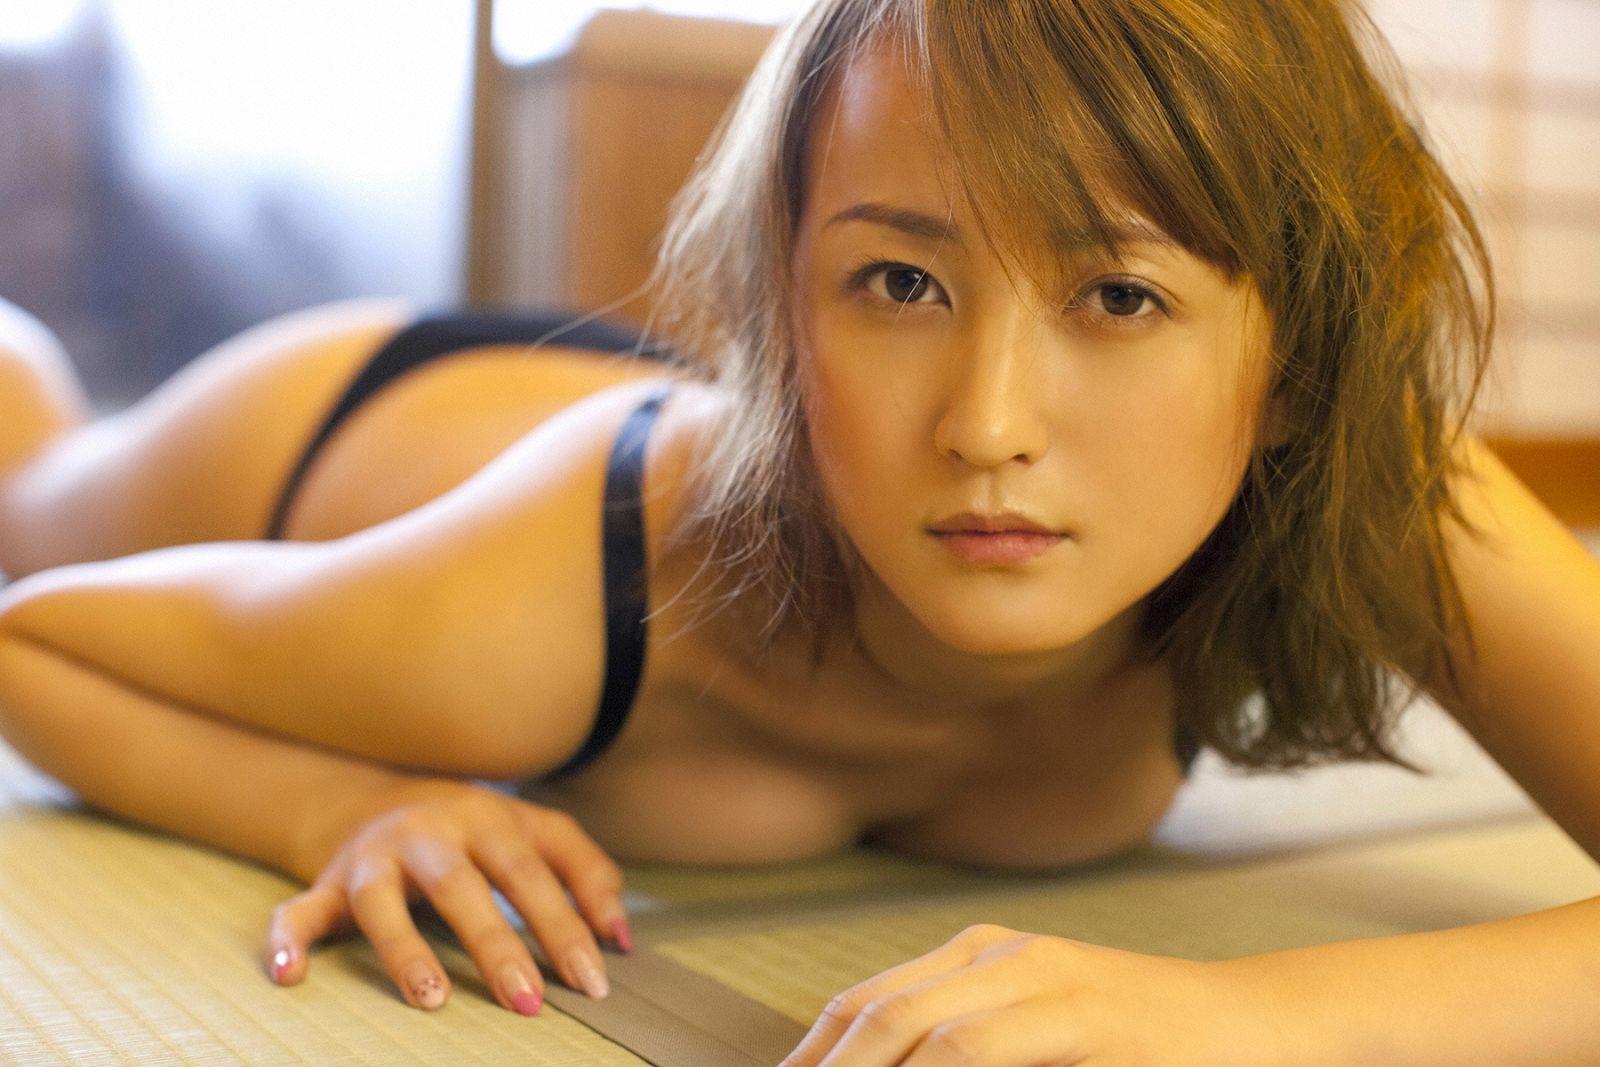 小松彩夏 画像 186